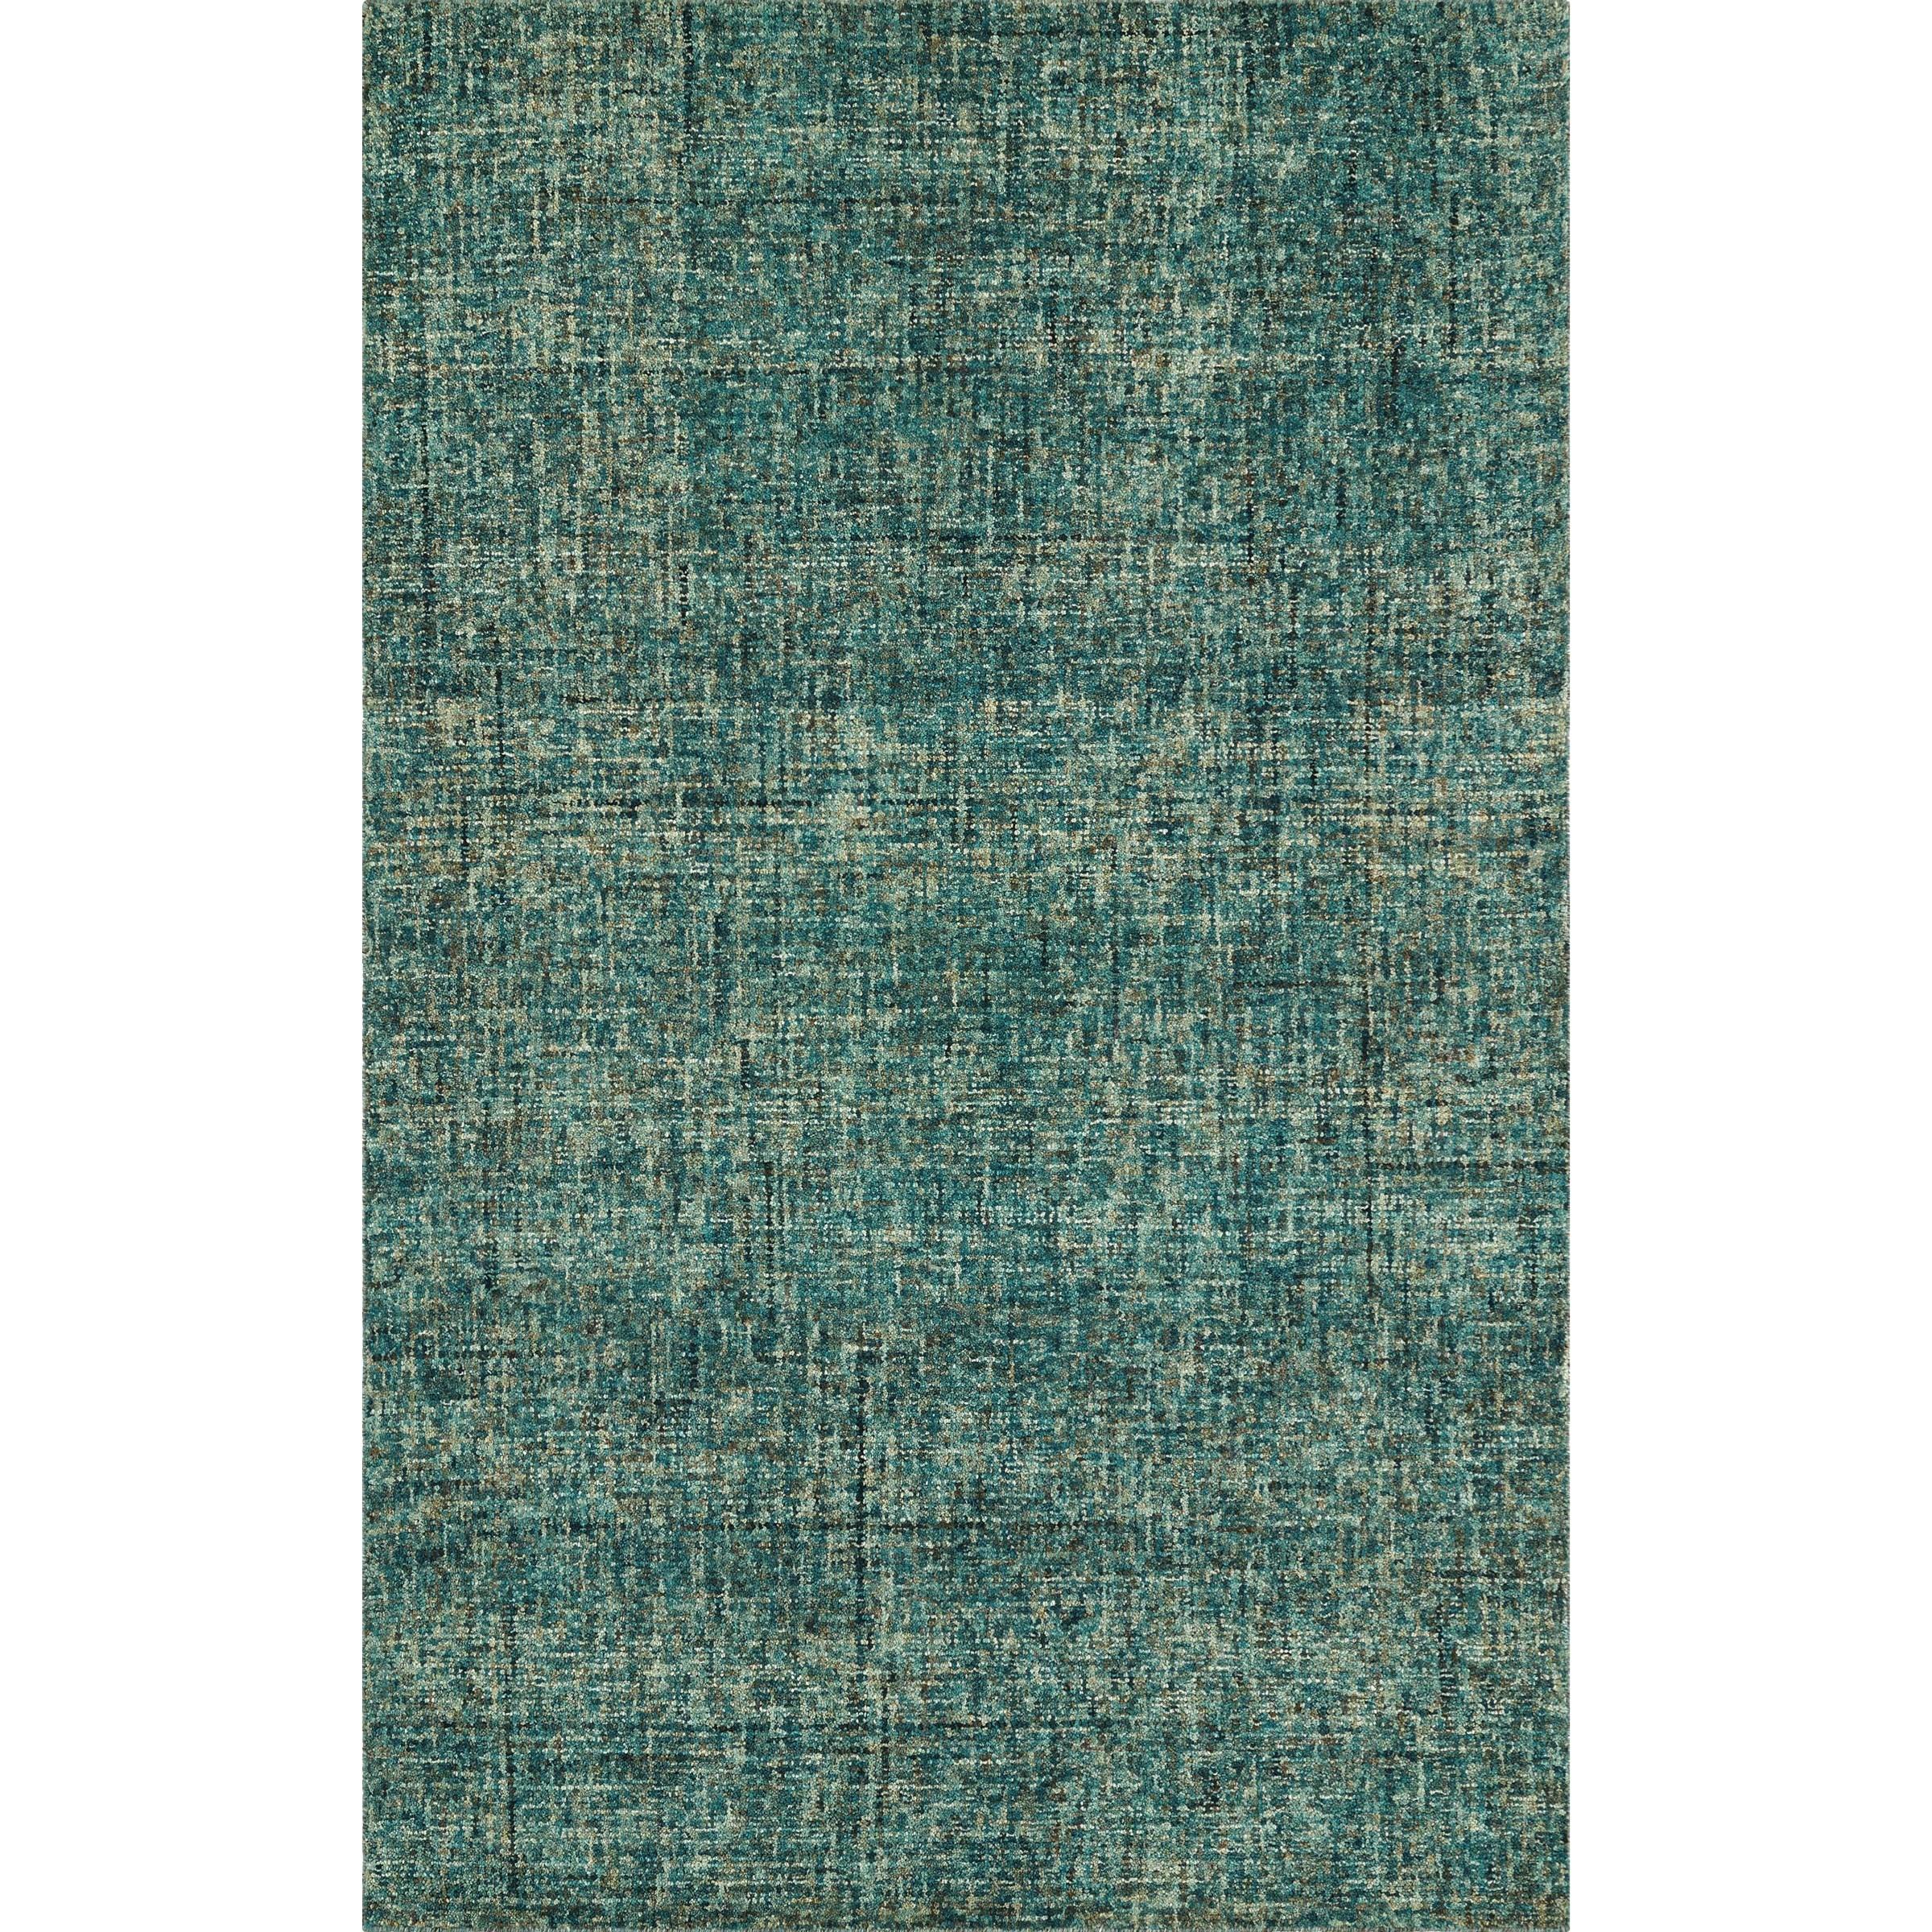 Turquoise 8'X10' Rug